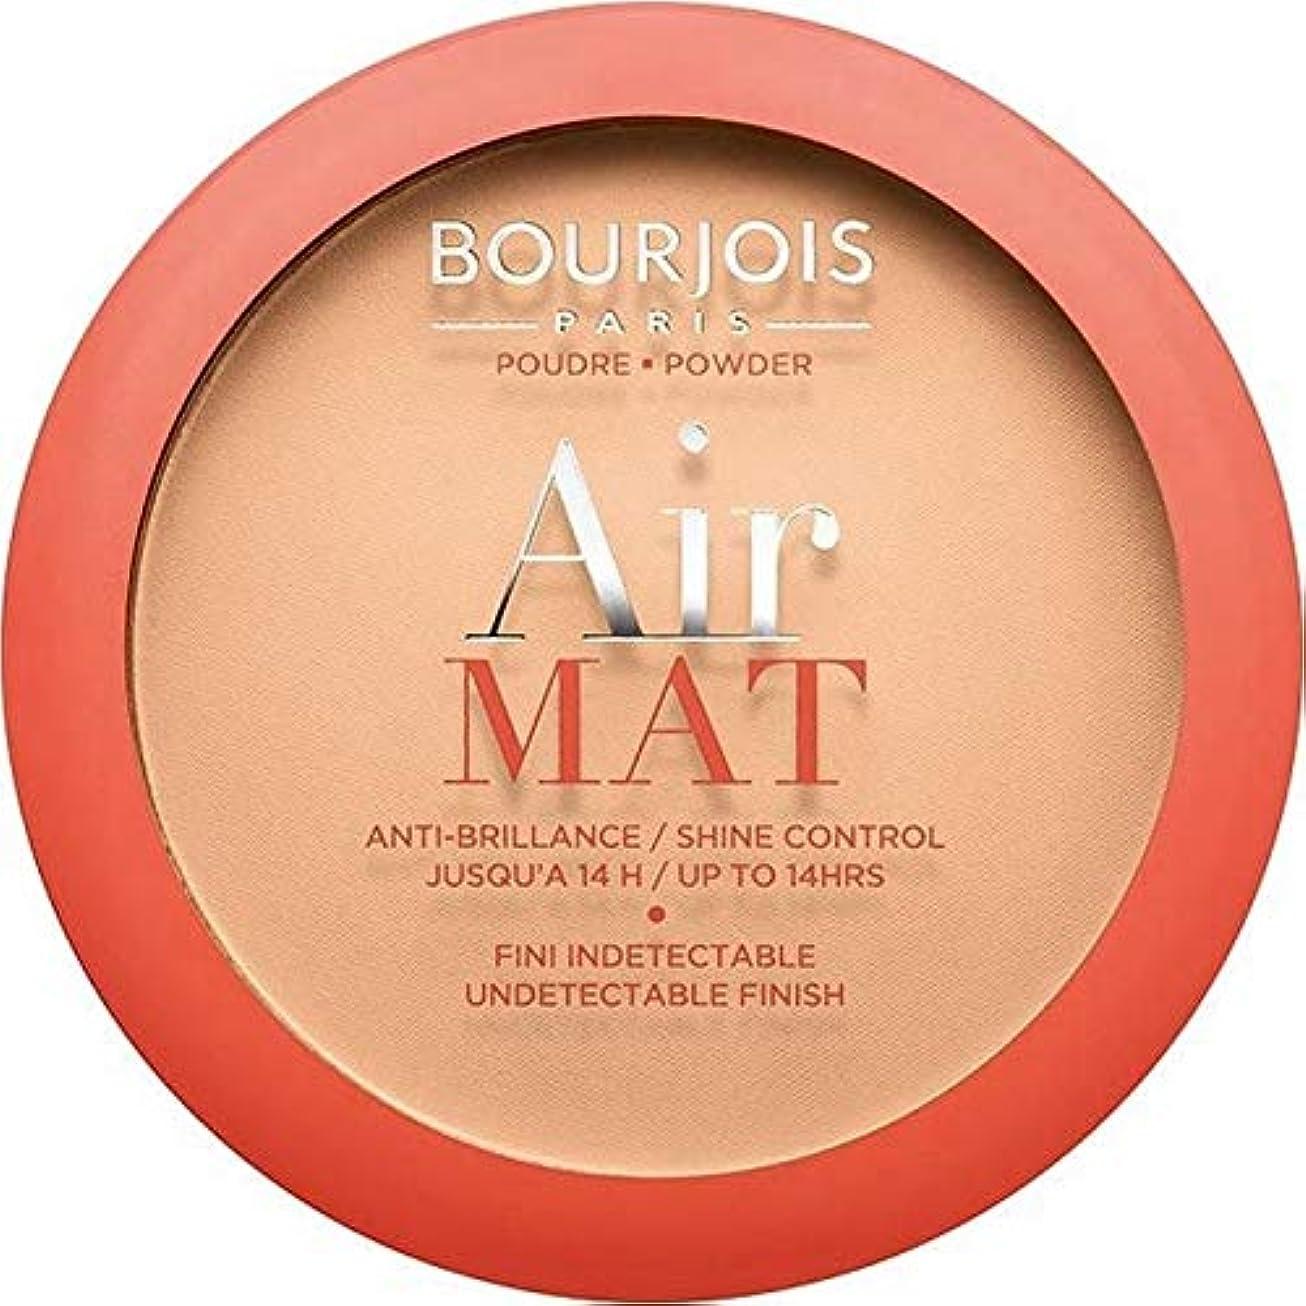 賛辞代名詞早熟[Bourjois ] ブルジョワエアーマットは、粉末を押す - アプリコットベージュ - Bourjois Air Mat Pressed Powder - Apricot Beige [並行輸入品]